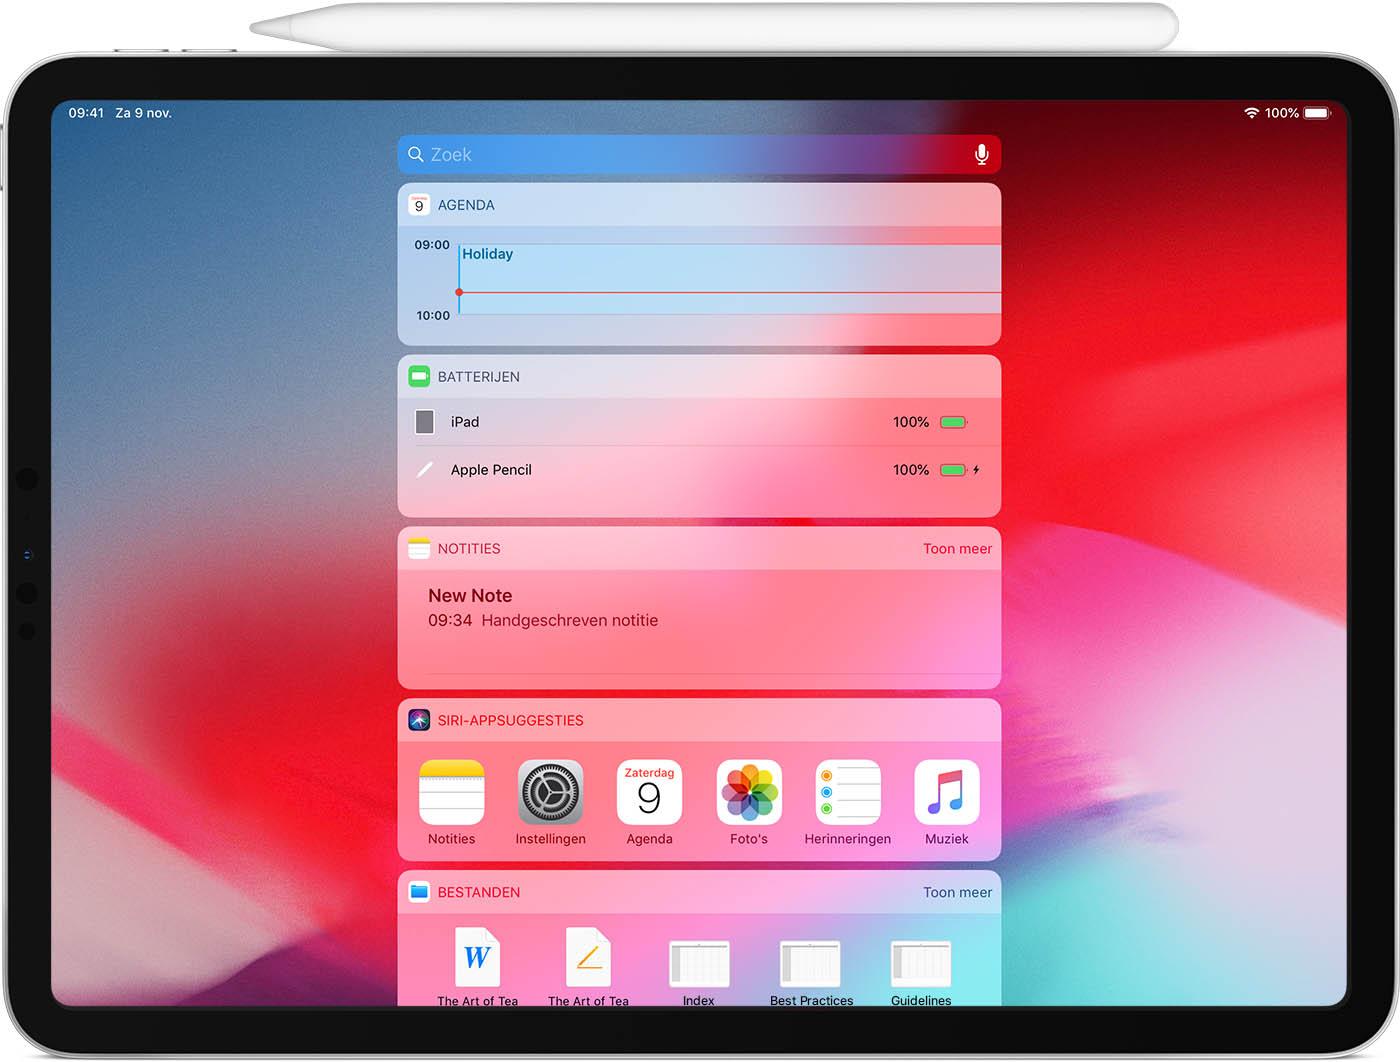 https://www.macfreak.nl/modules/news/images/zArt.iPadProApplePencilOpladen.jpg